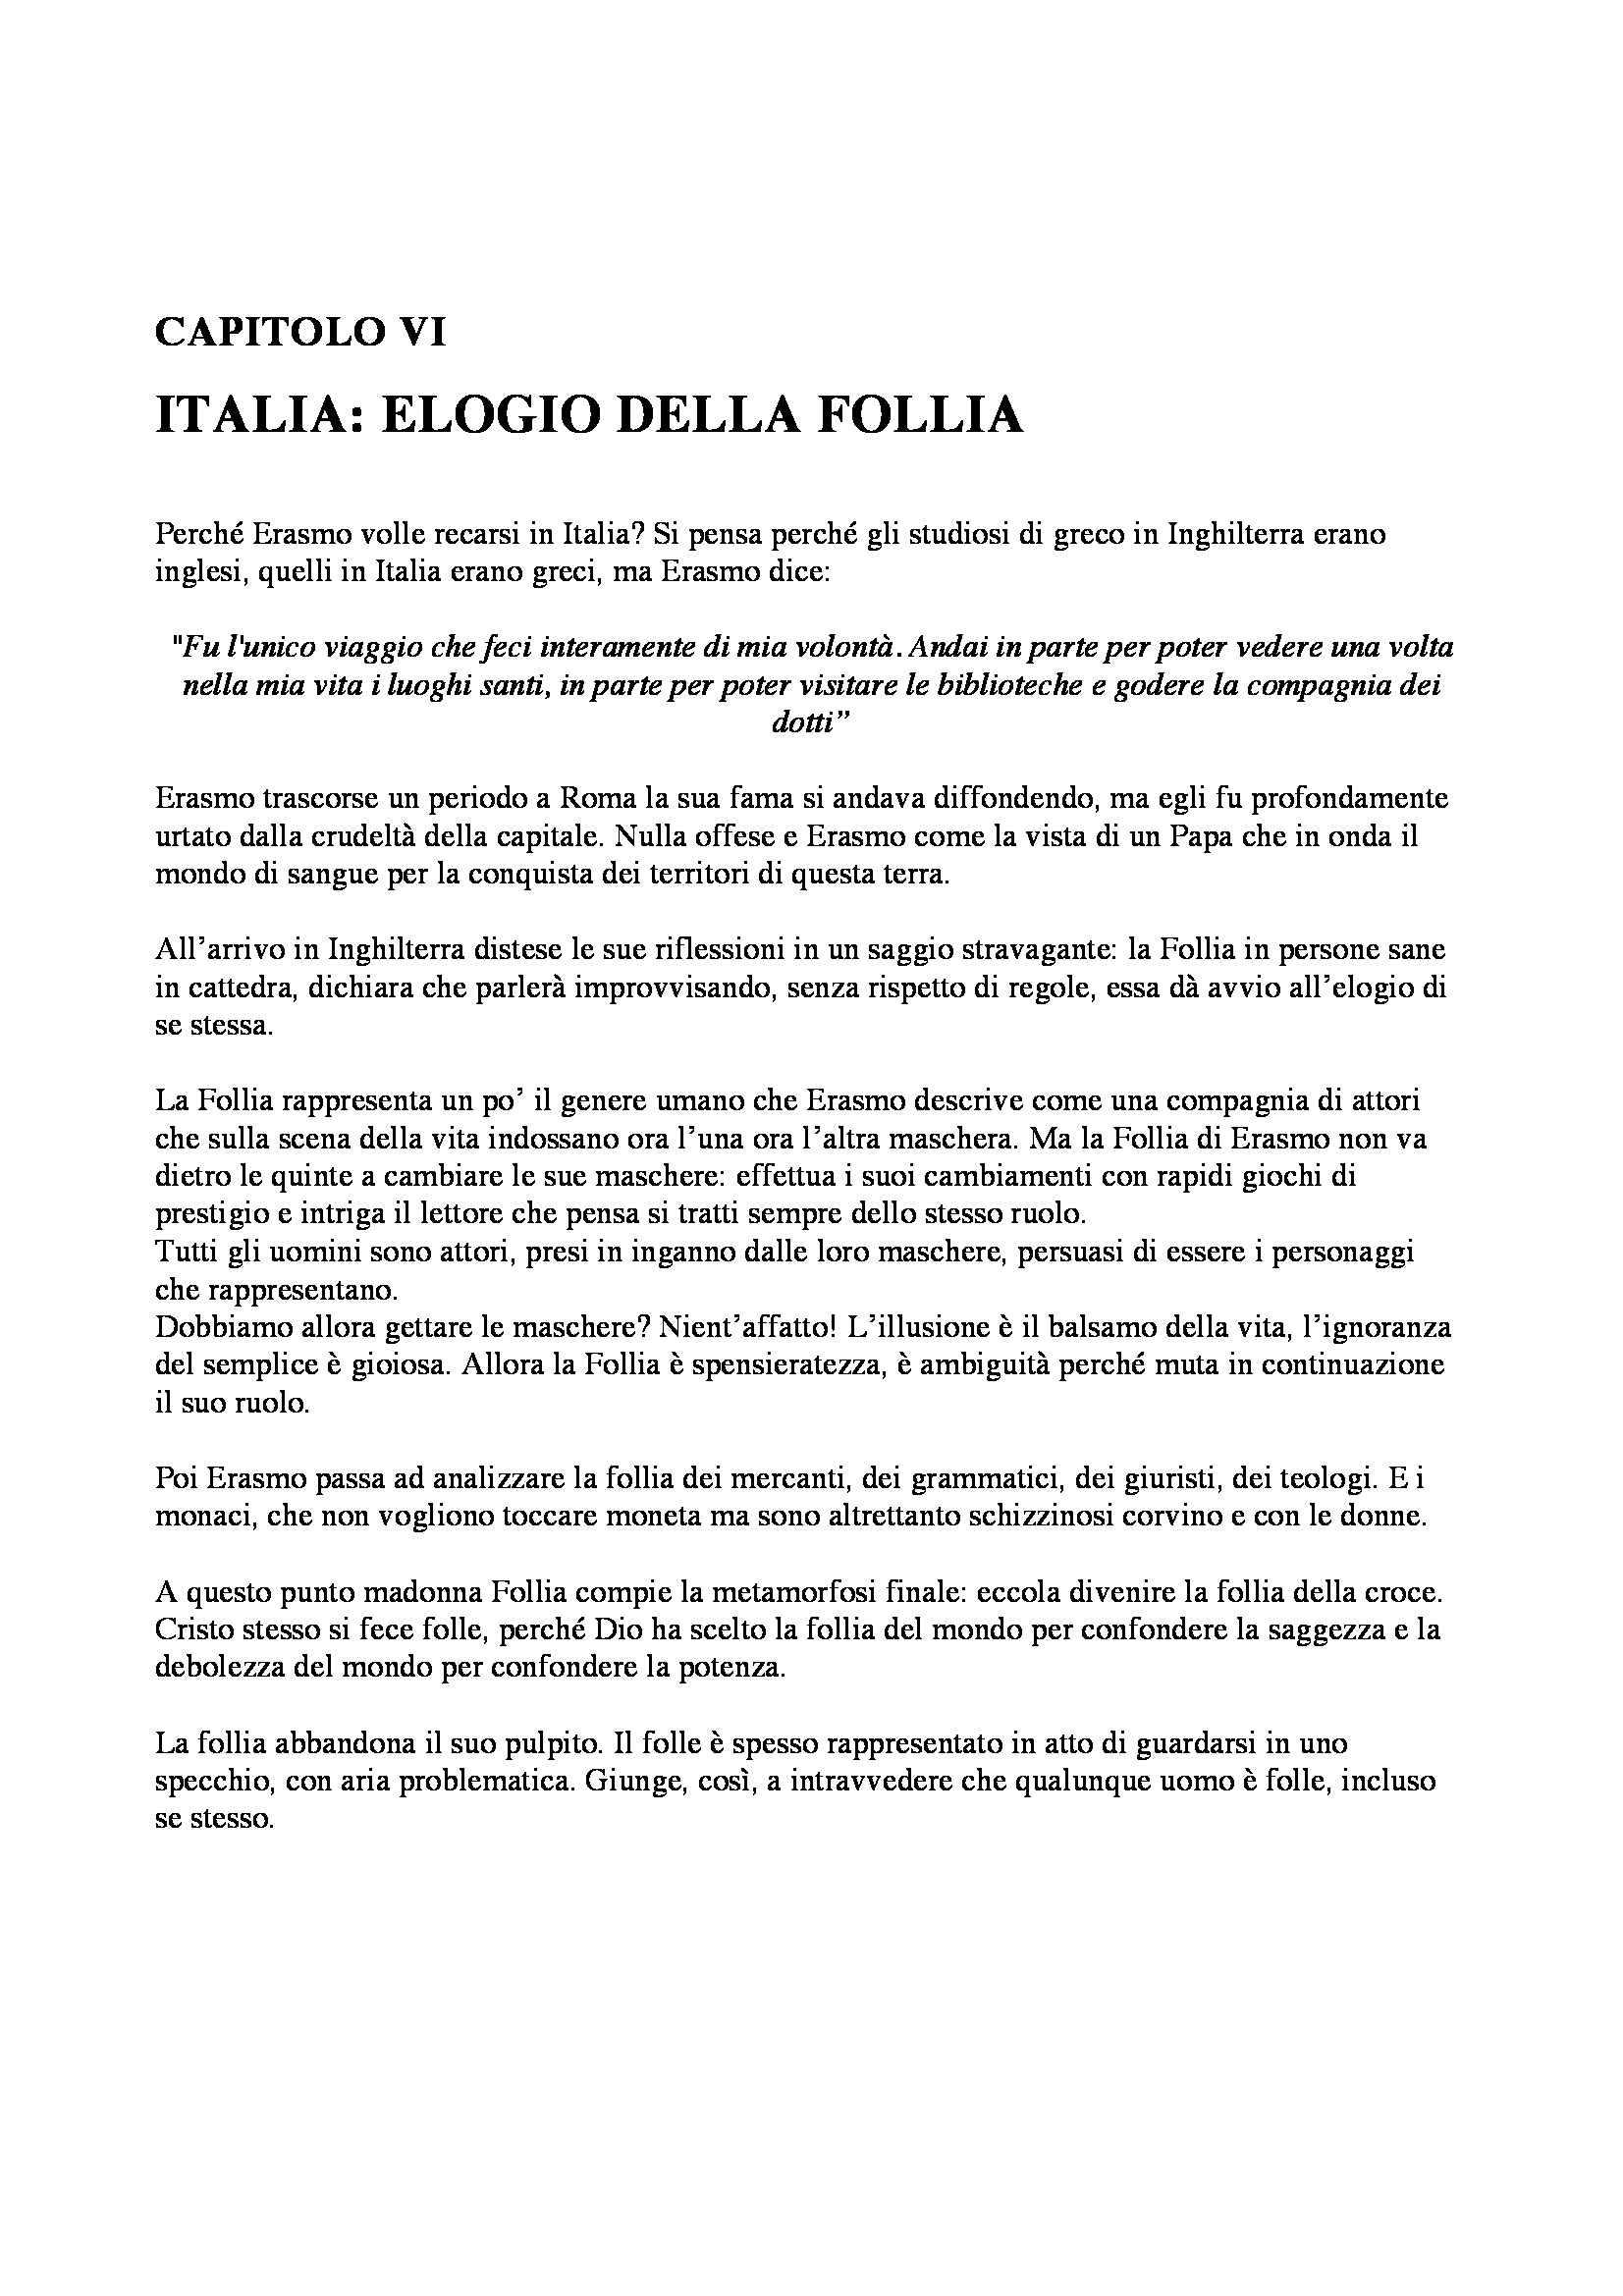 Riassunto esame Storia Moderna: Erasmo della cristianità, prof. Dall'Olio Pag. 6